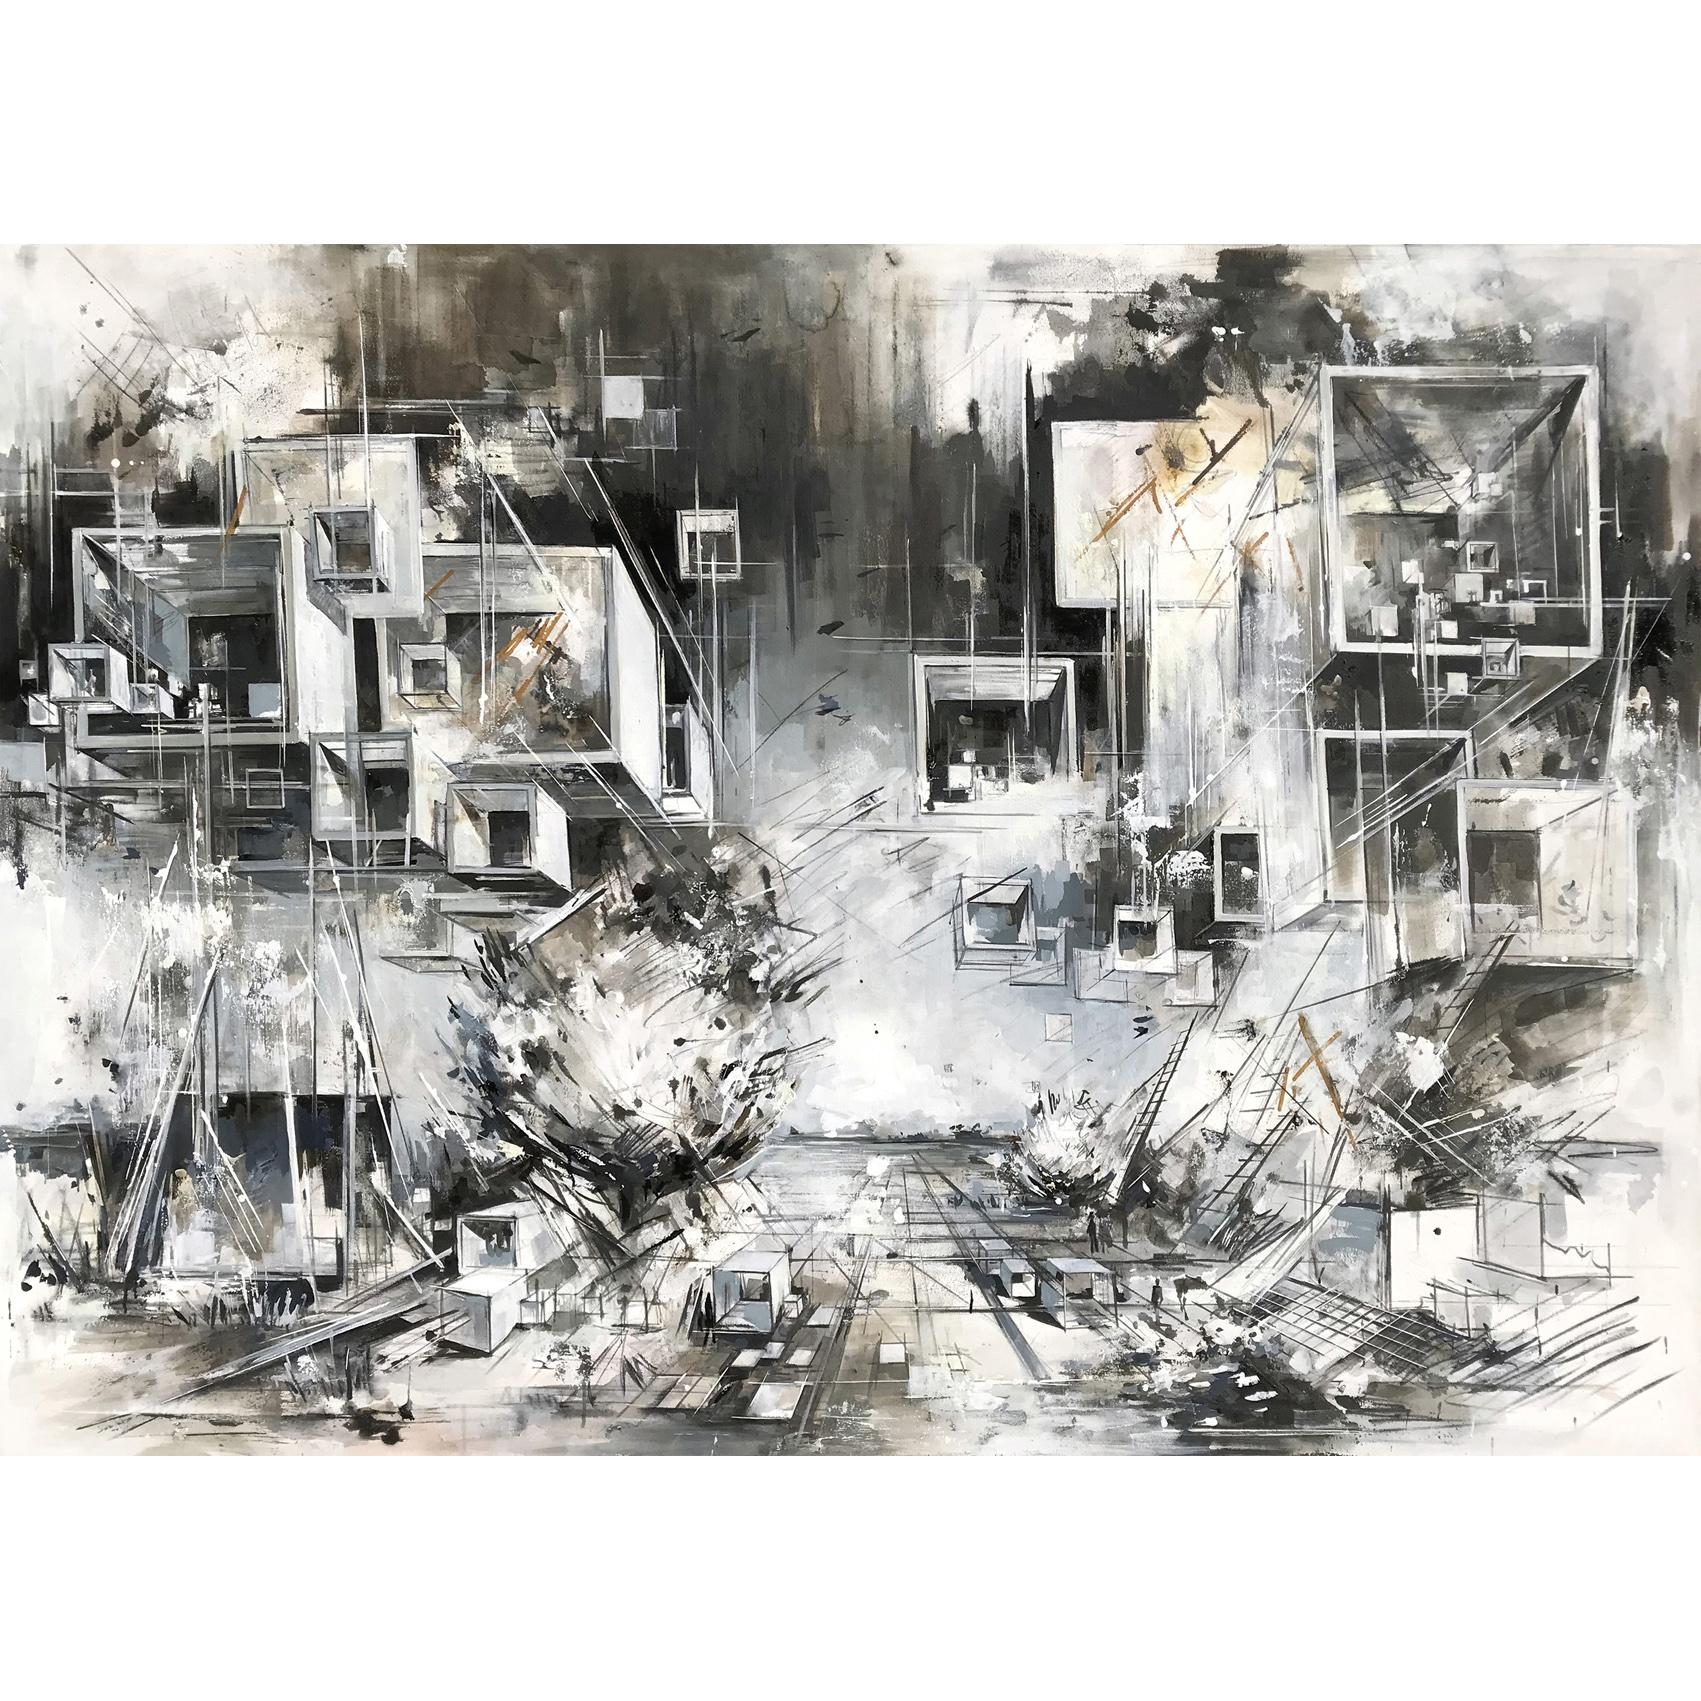 Utopia XXII, 170 x 240 cm Öl auf Leinwand, 2019